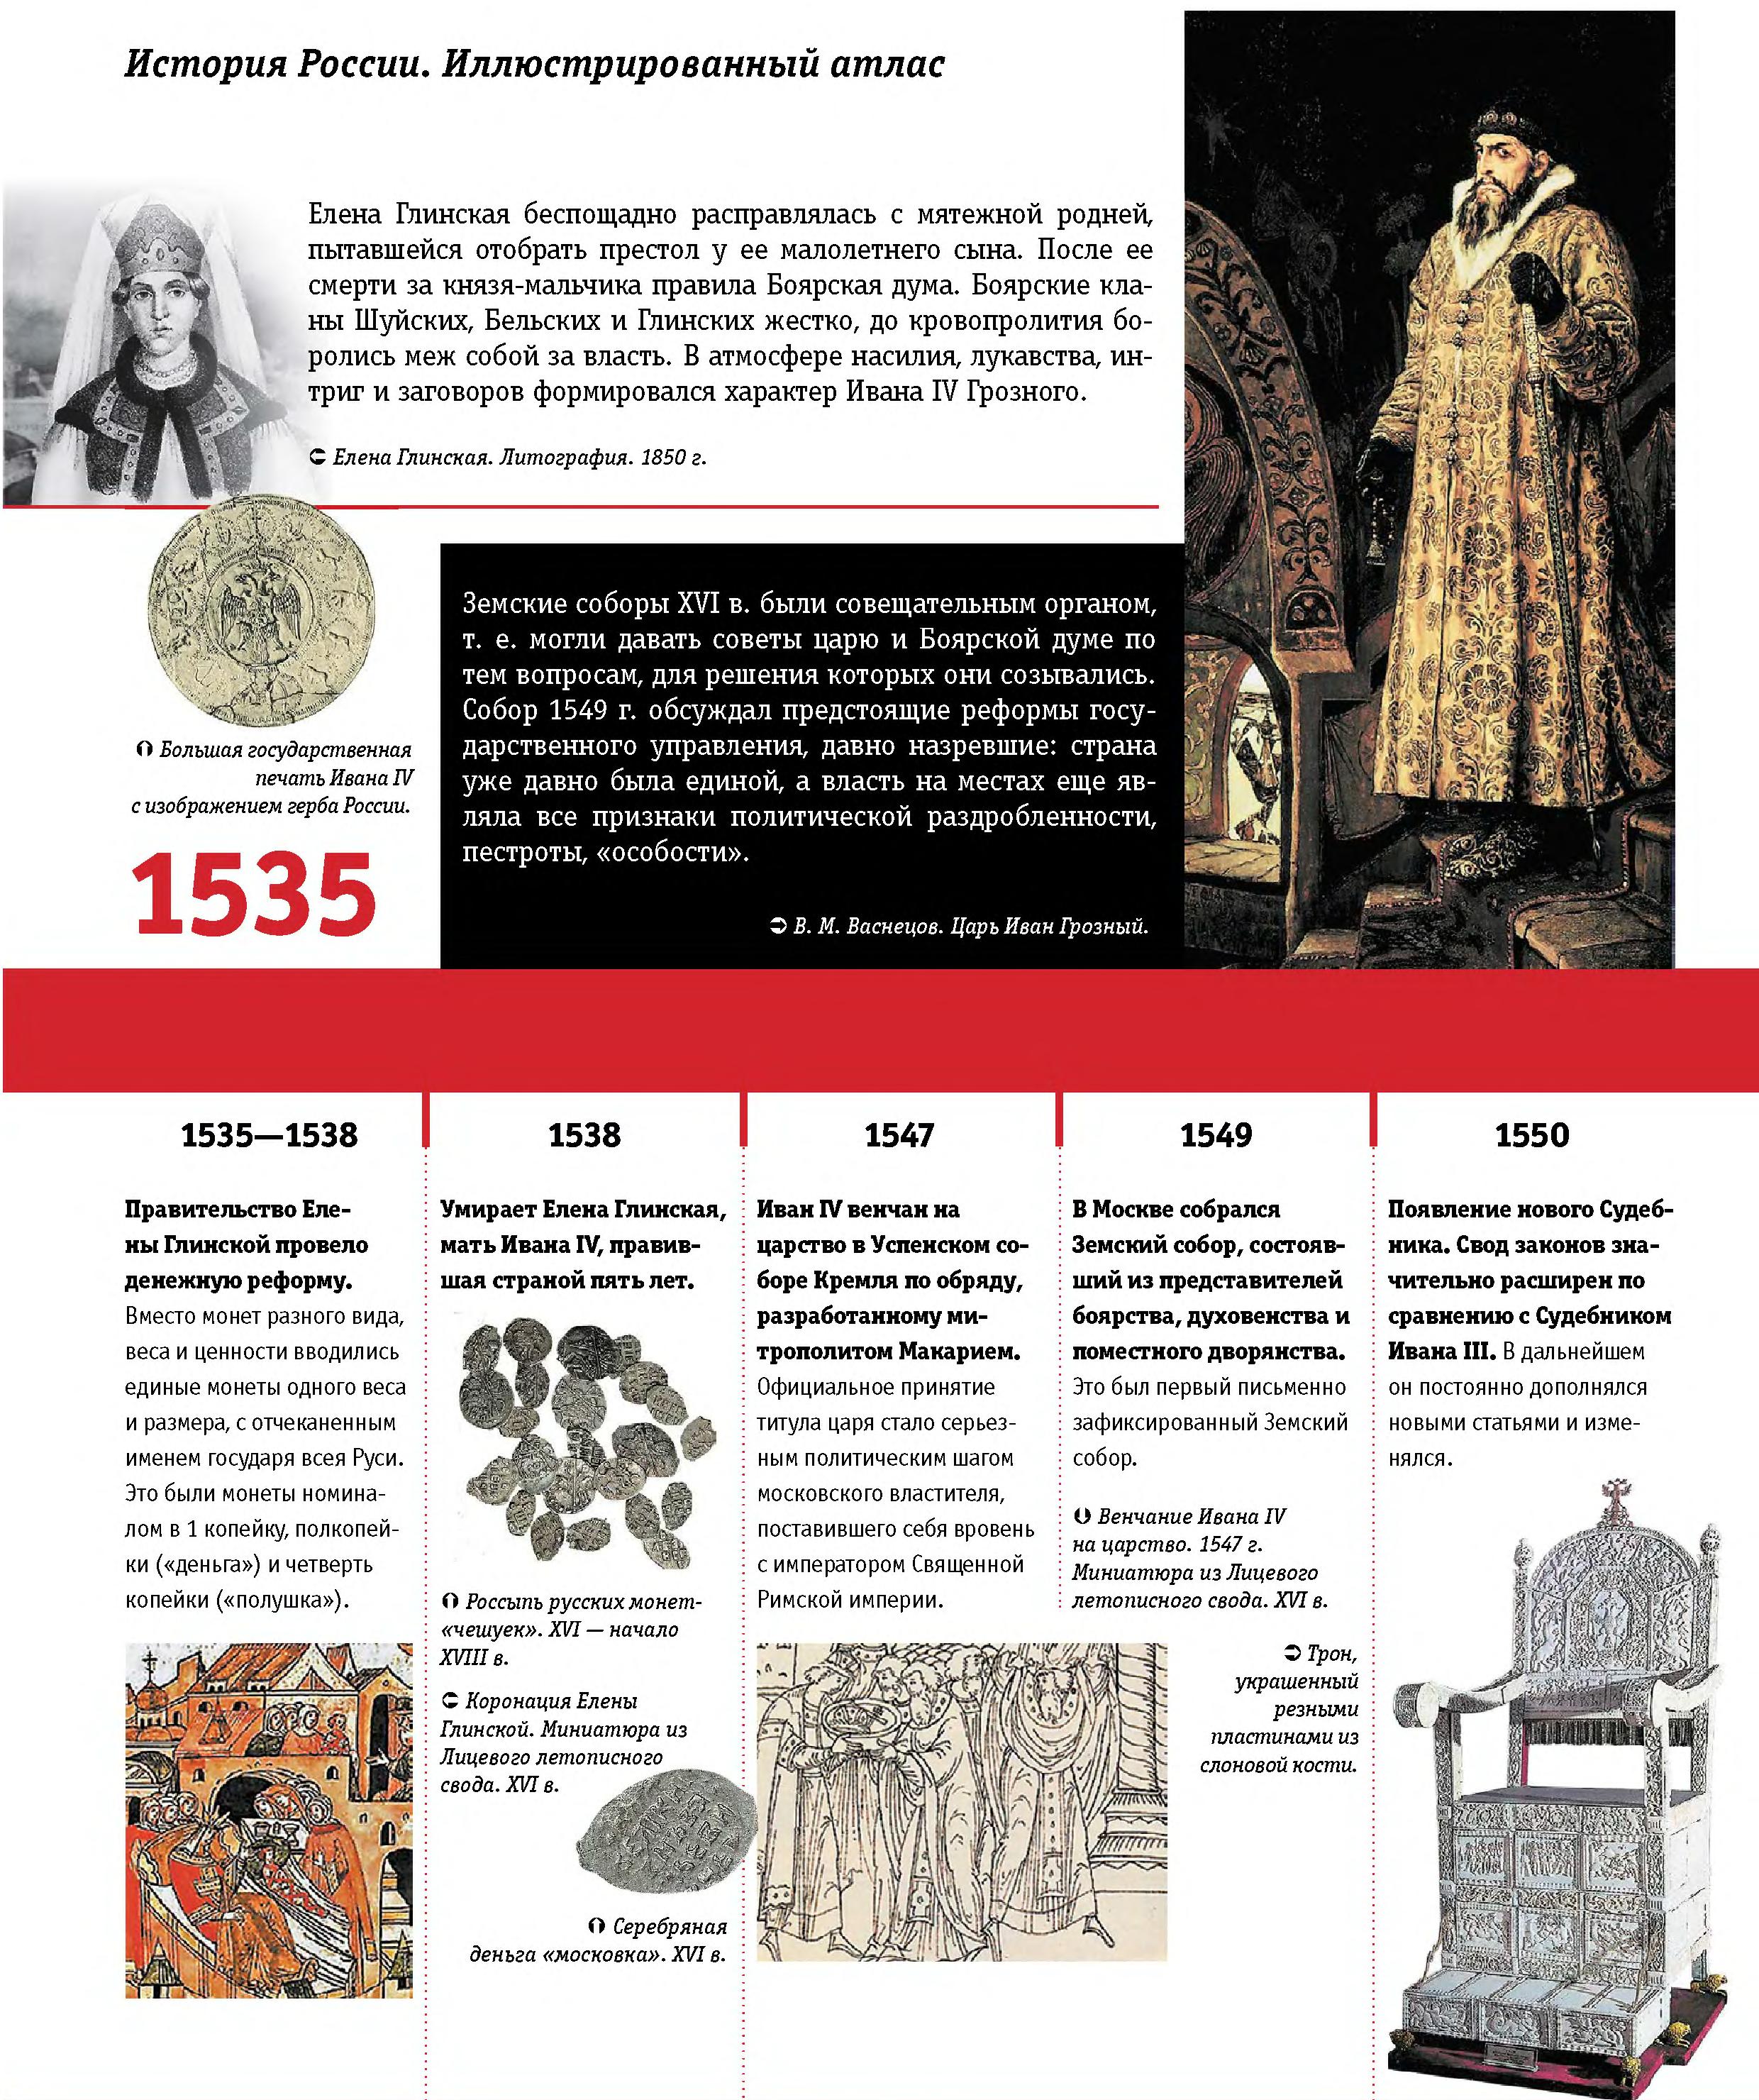 1556 год в истории